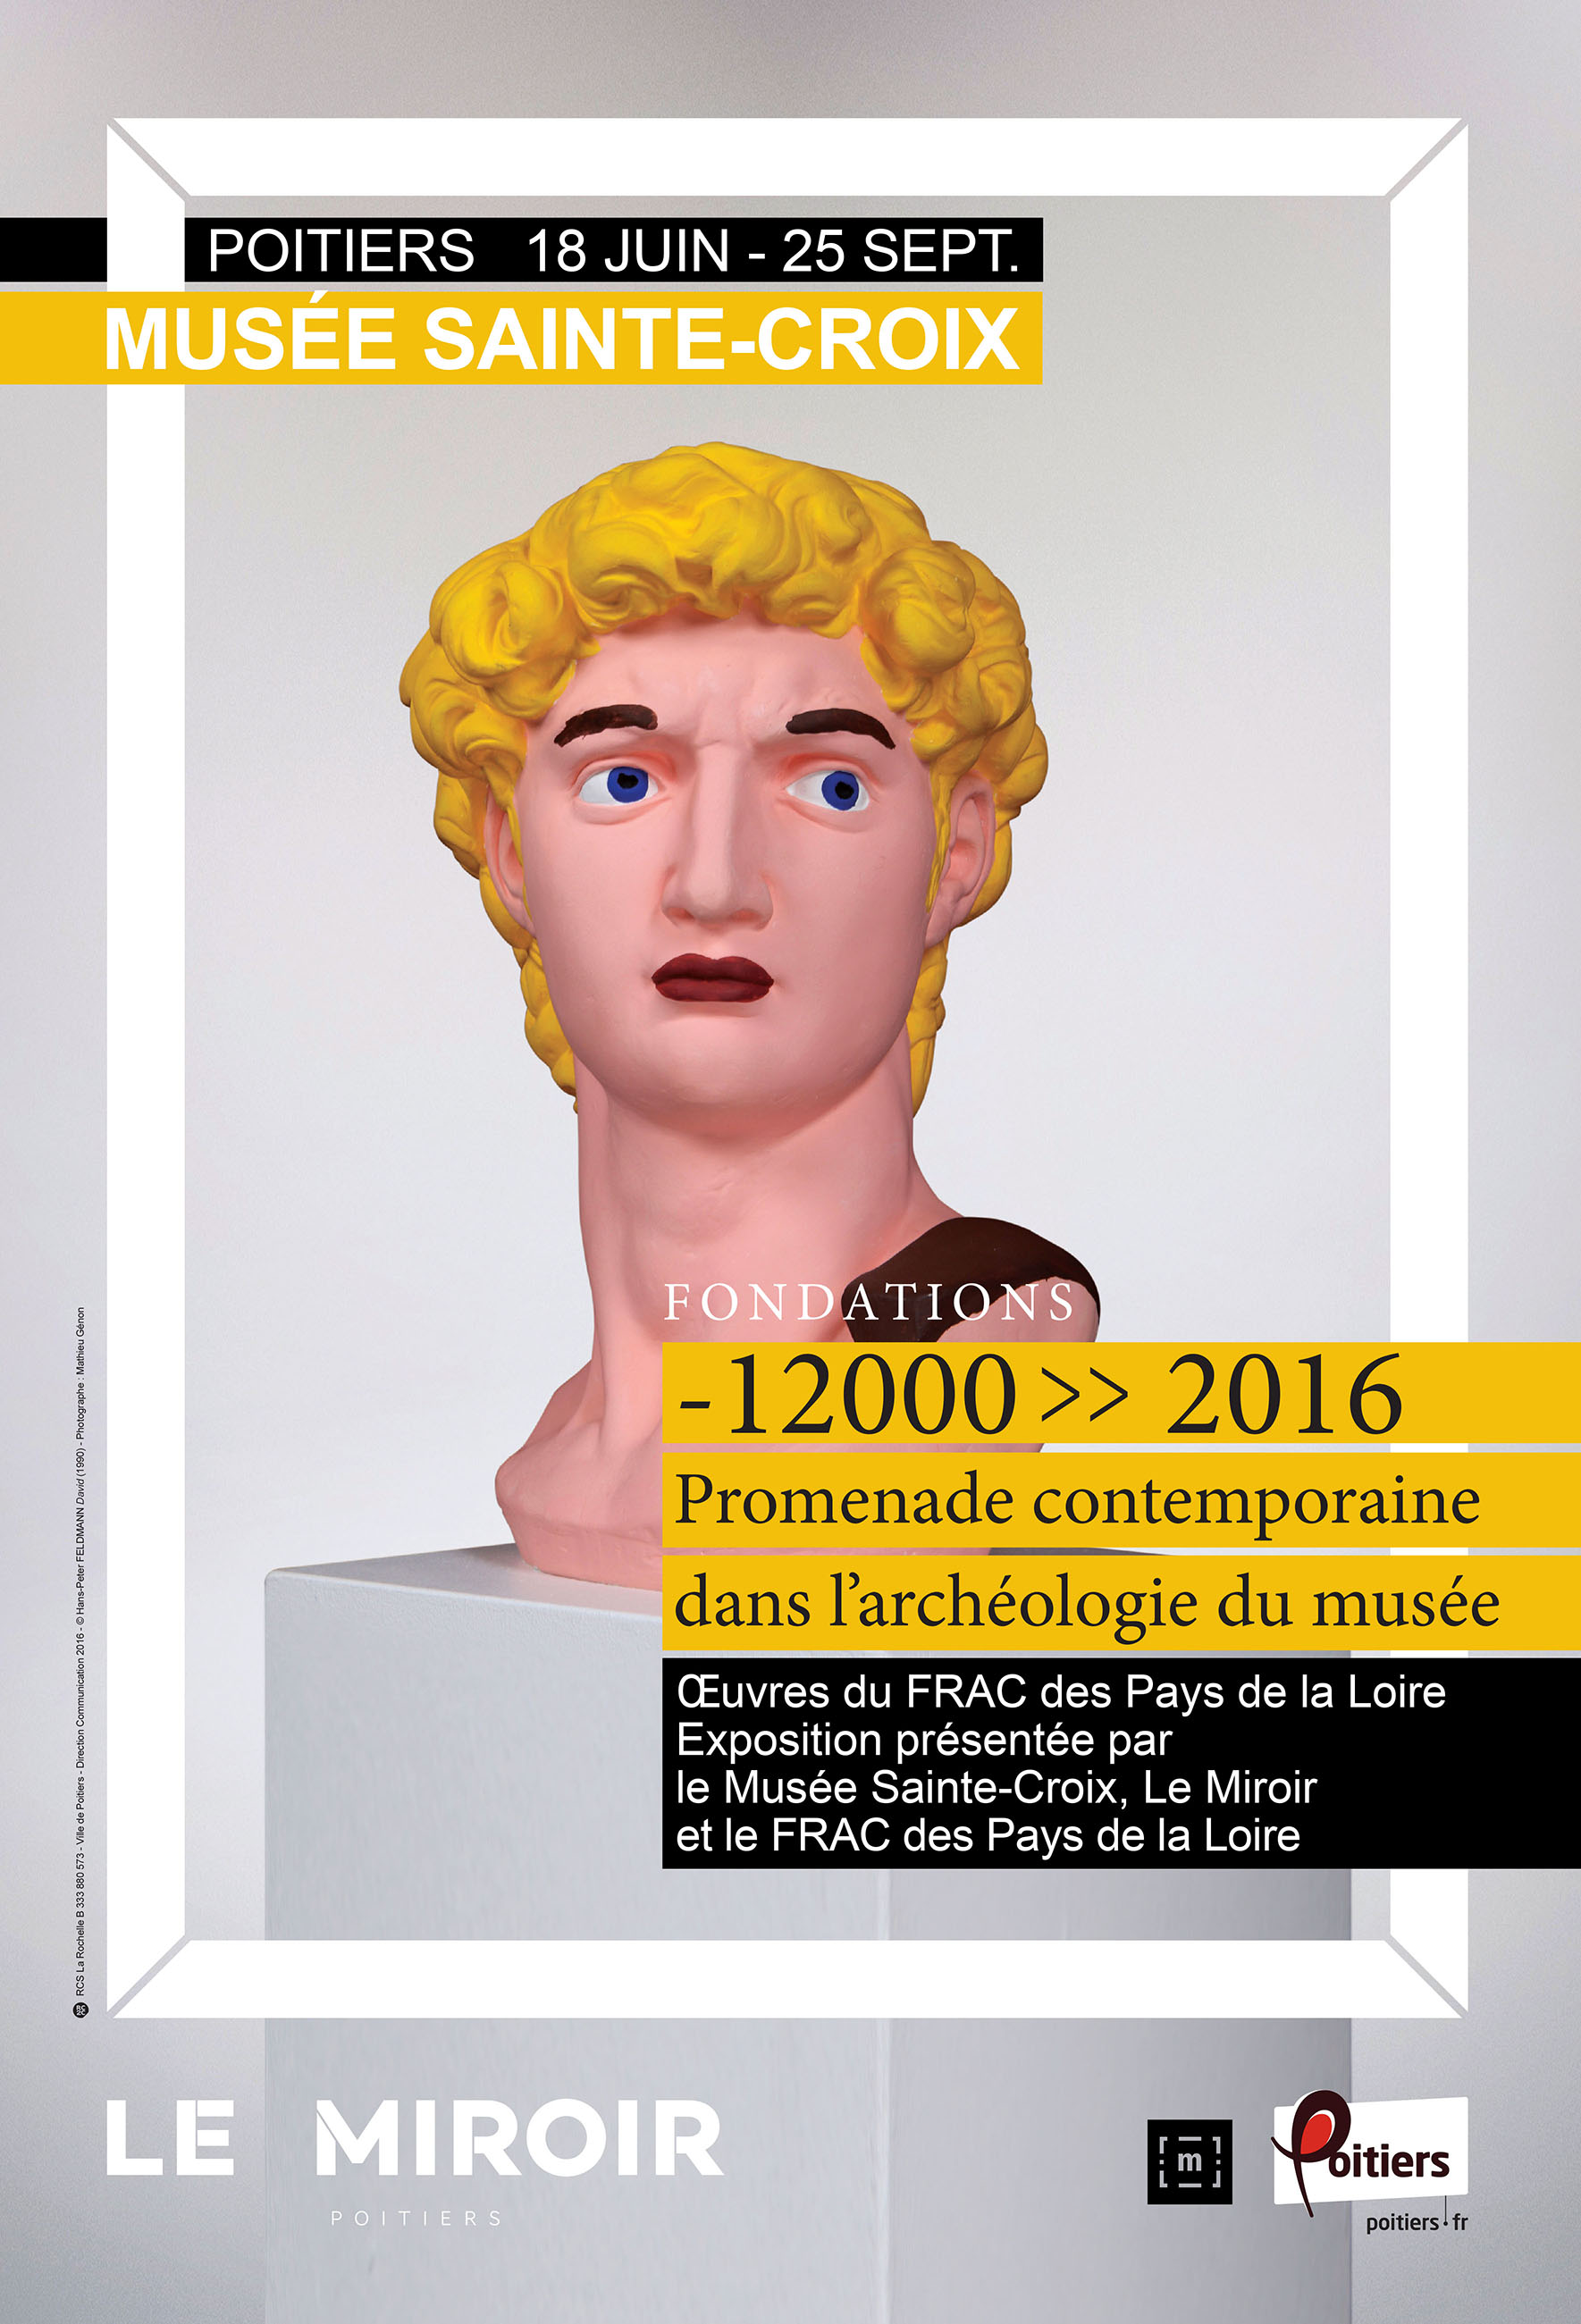 -12 000 >> 2016 : Promenade contemporaine dans l'archéologie du musée [«Fondations II»]